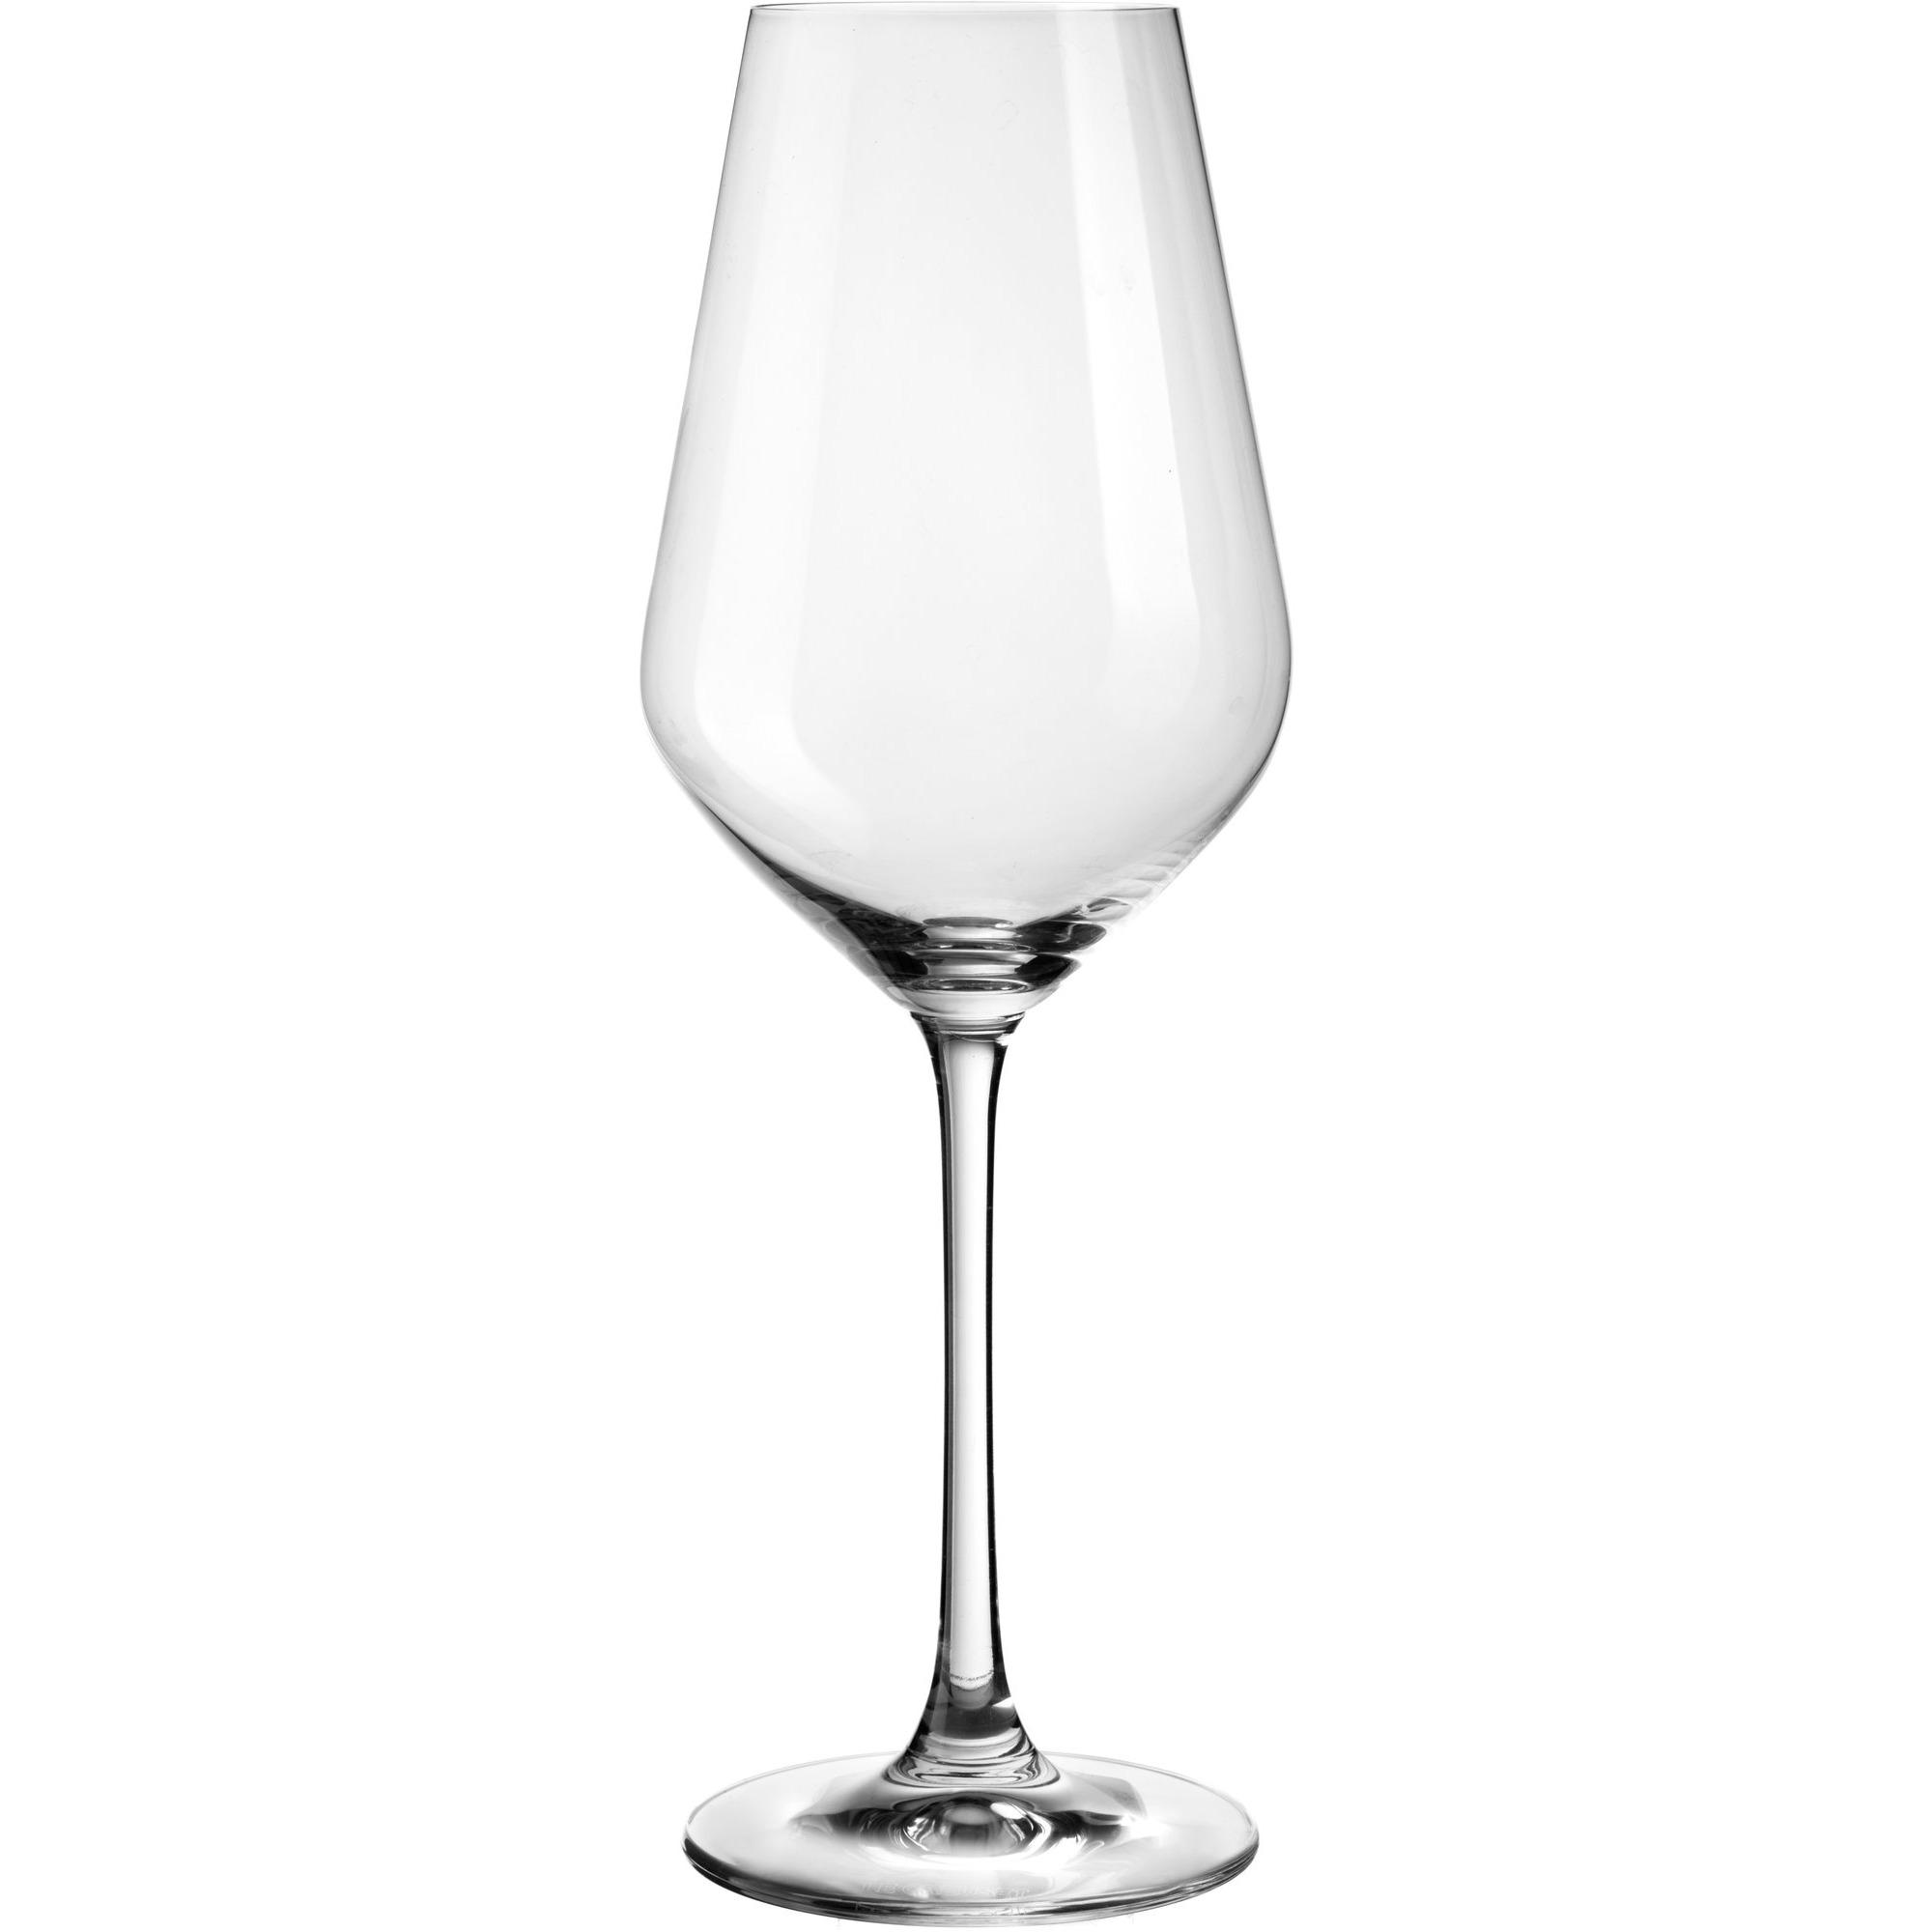 Le Creuset Riesling Vitvinsglas 50 cl 4-pack